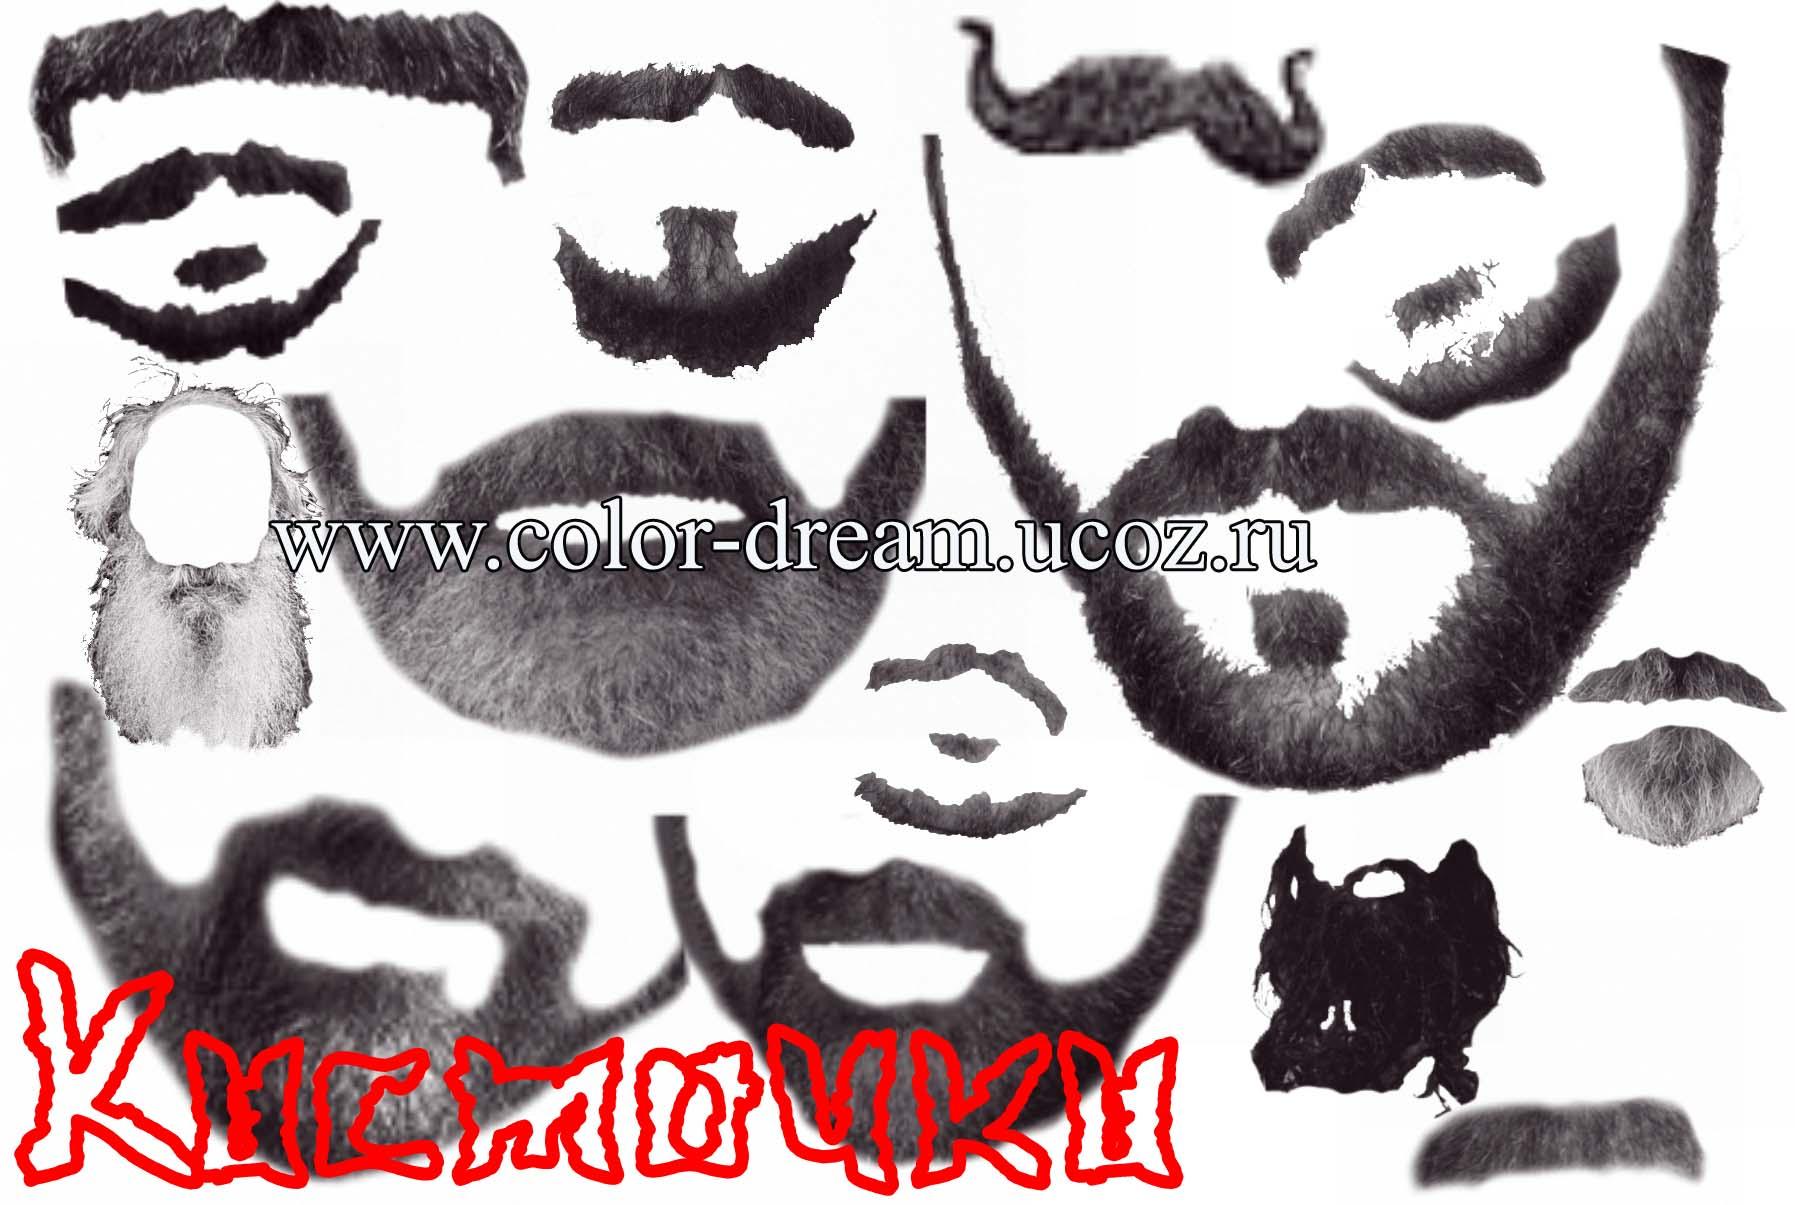 информация торговле прически бороды усы для фотошопа детей домашних